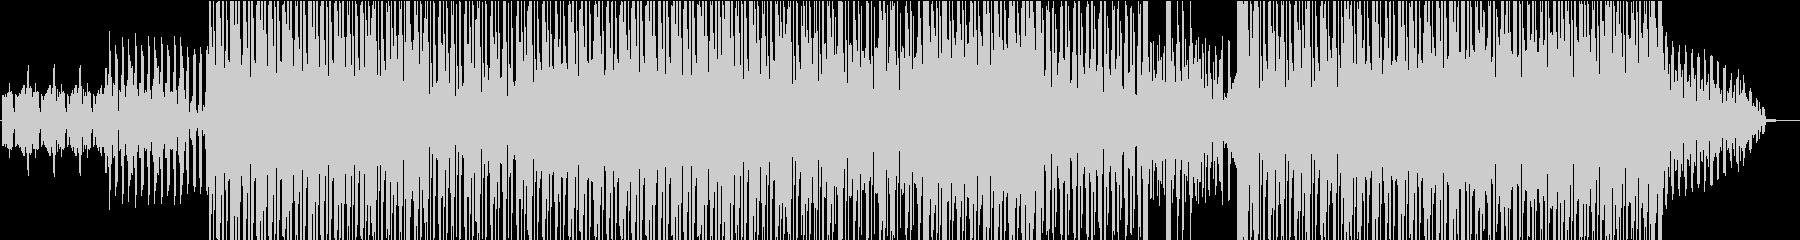 チャンキーでグルーヴィーなドラムン...の未再生の波形